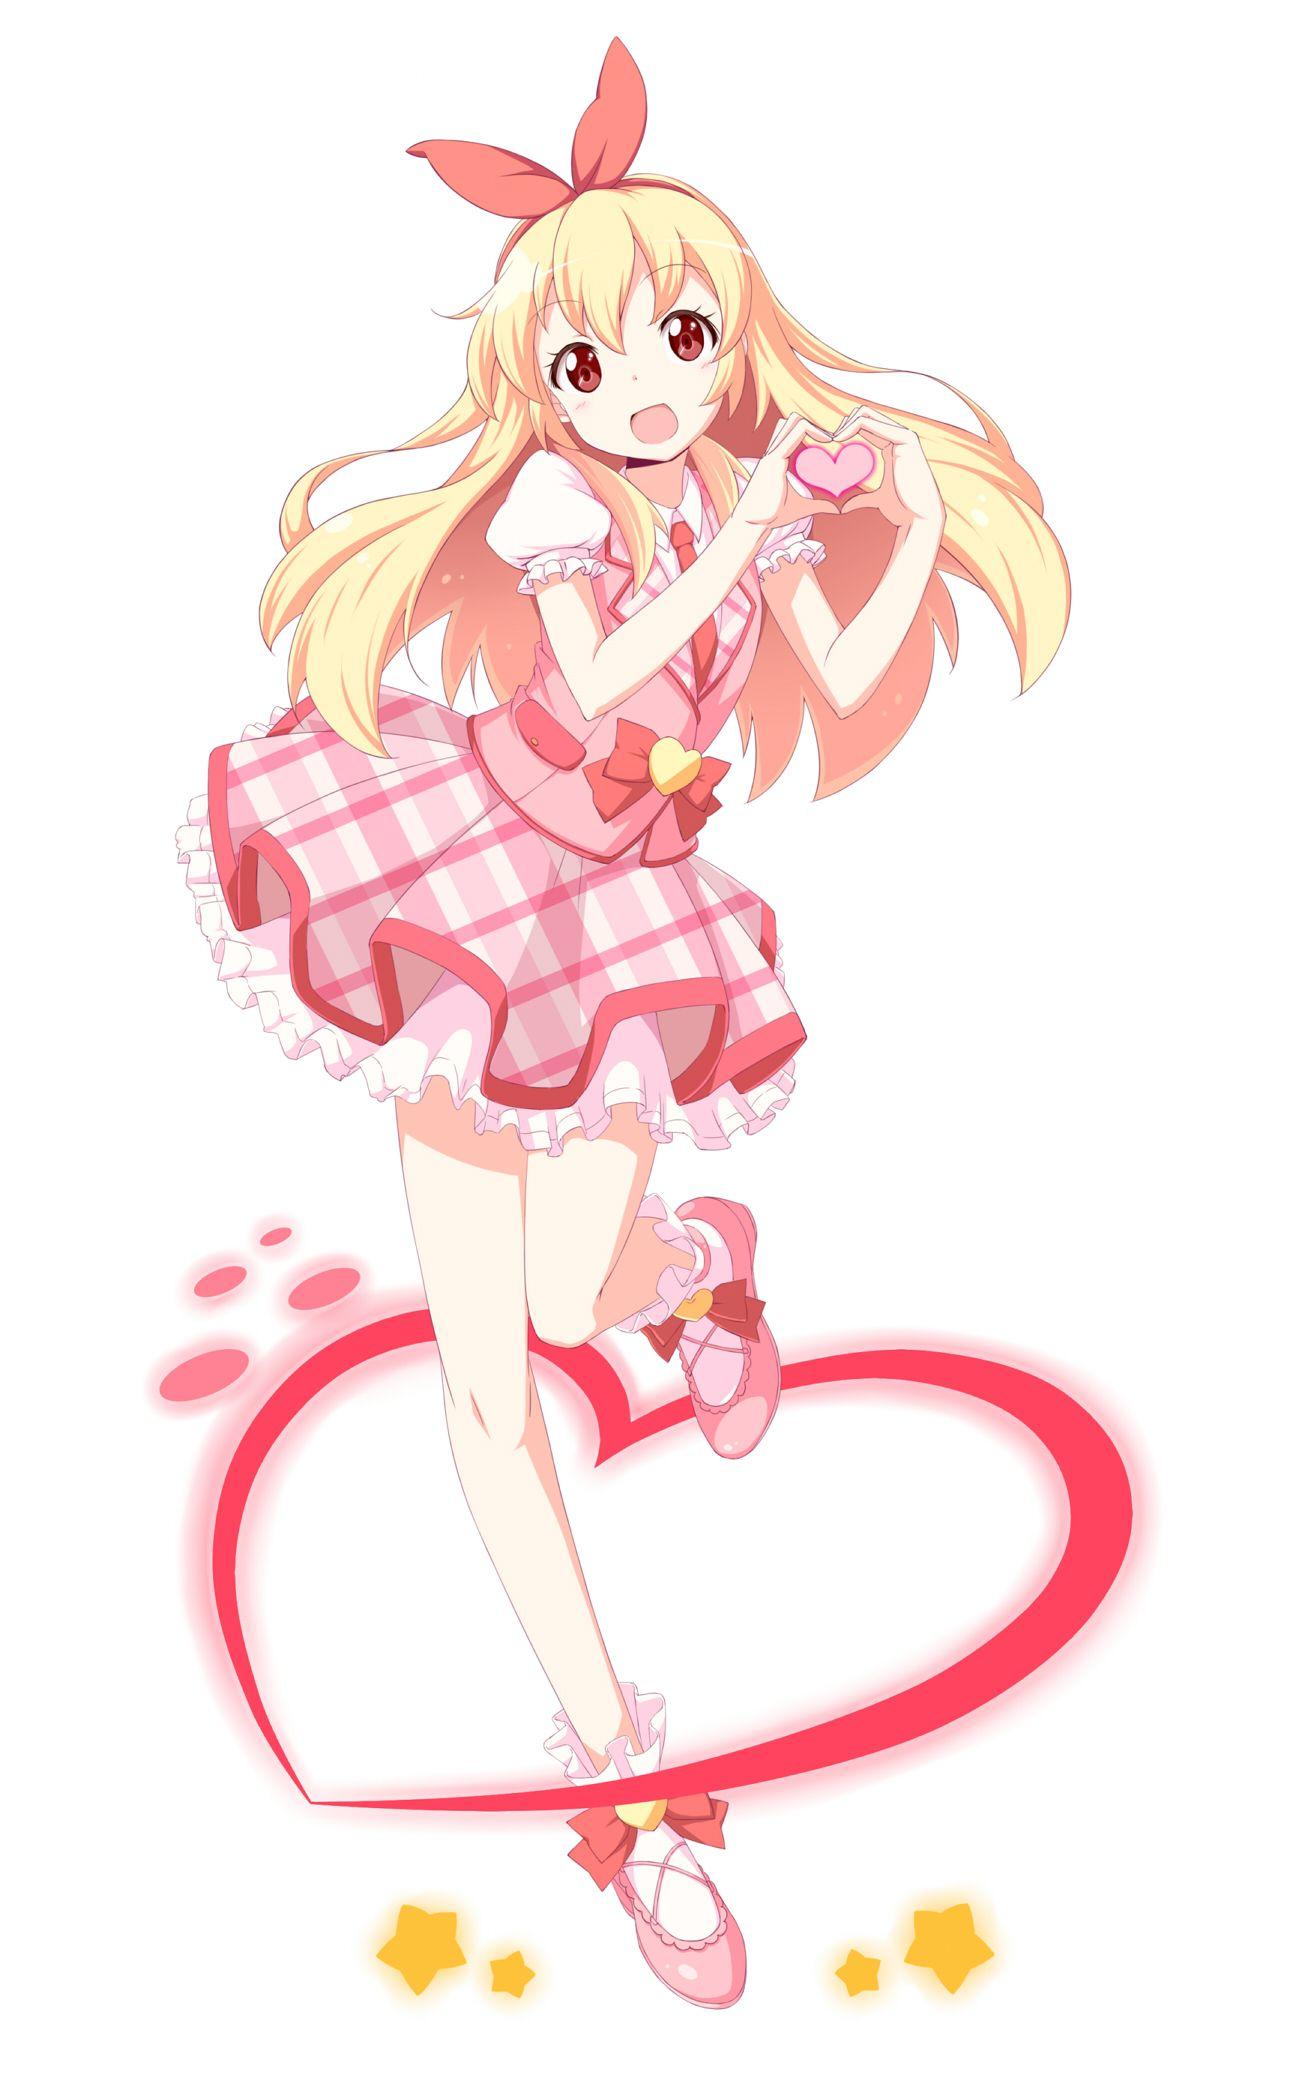 Hoshimiya Ichigo 1515170 Anime Chibi Anime Kawaii Anime